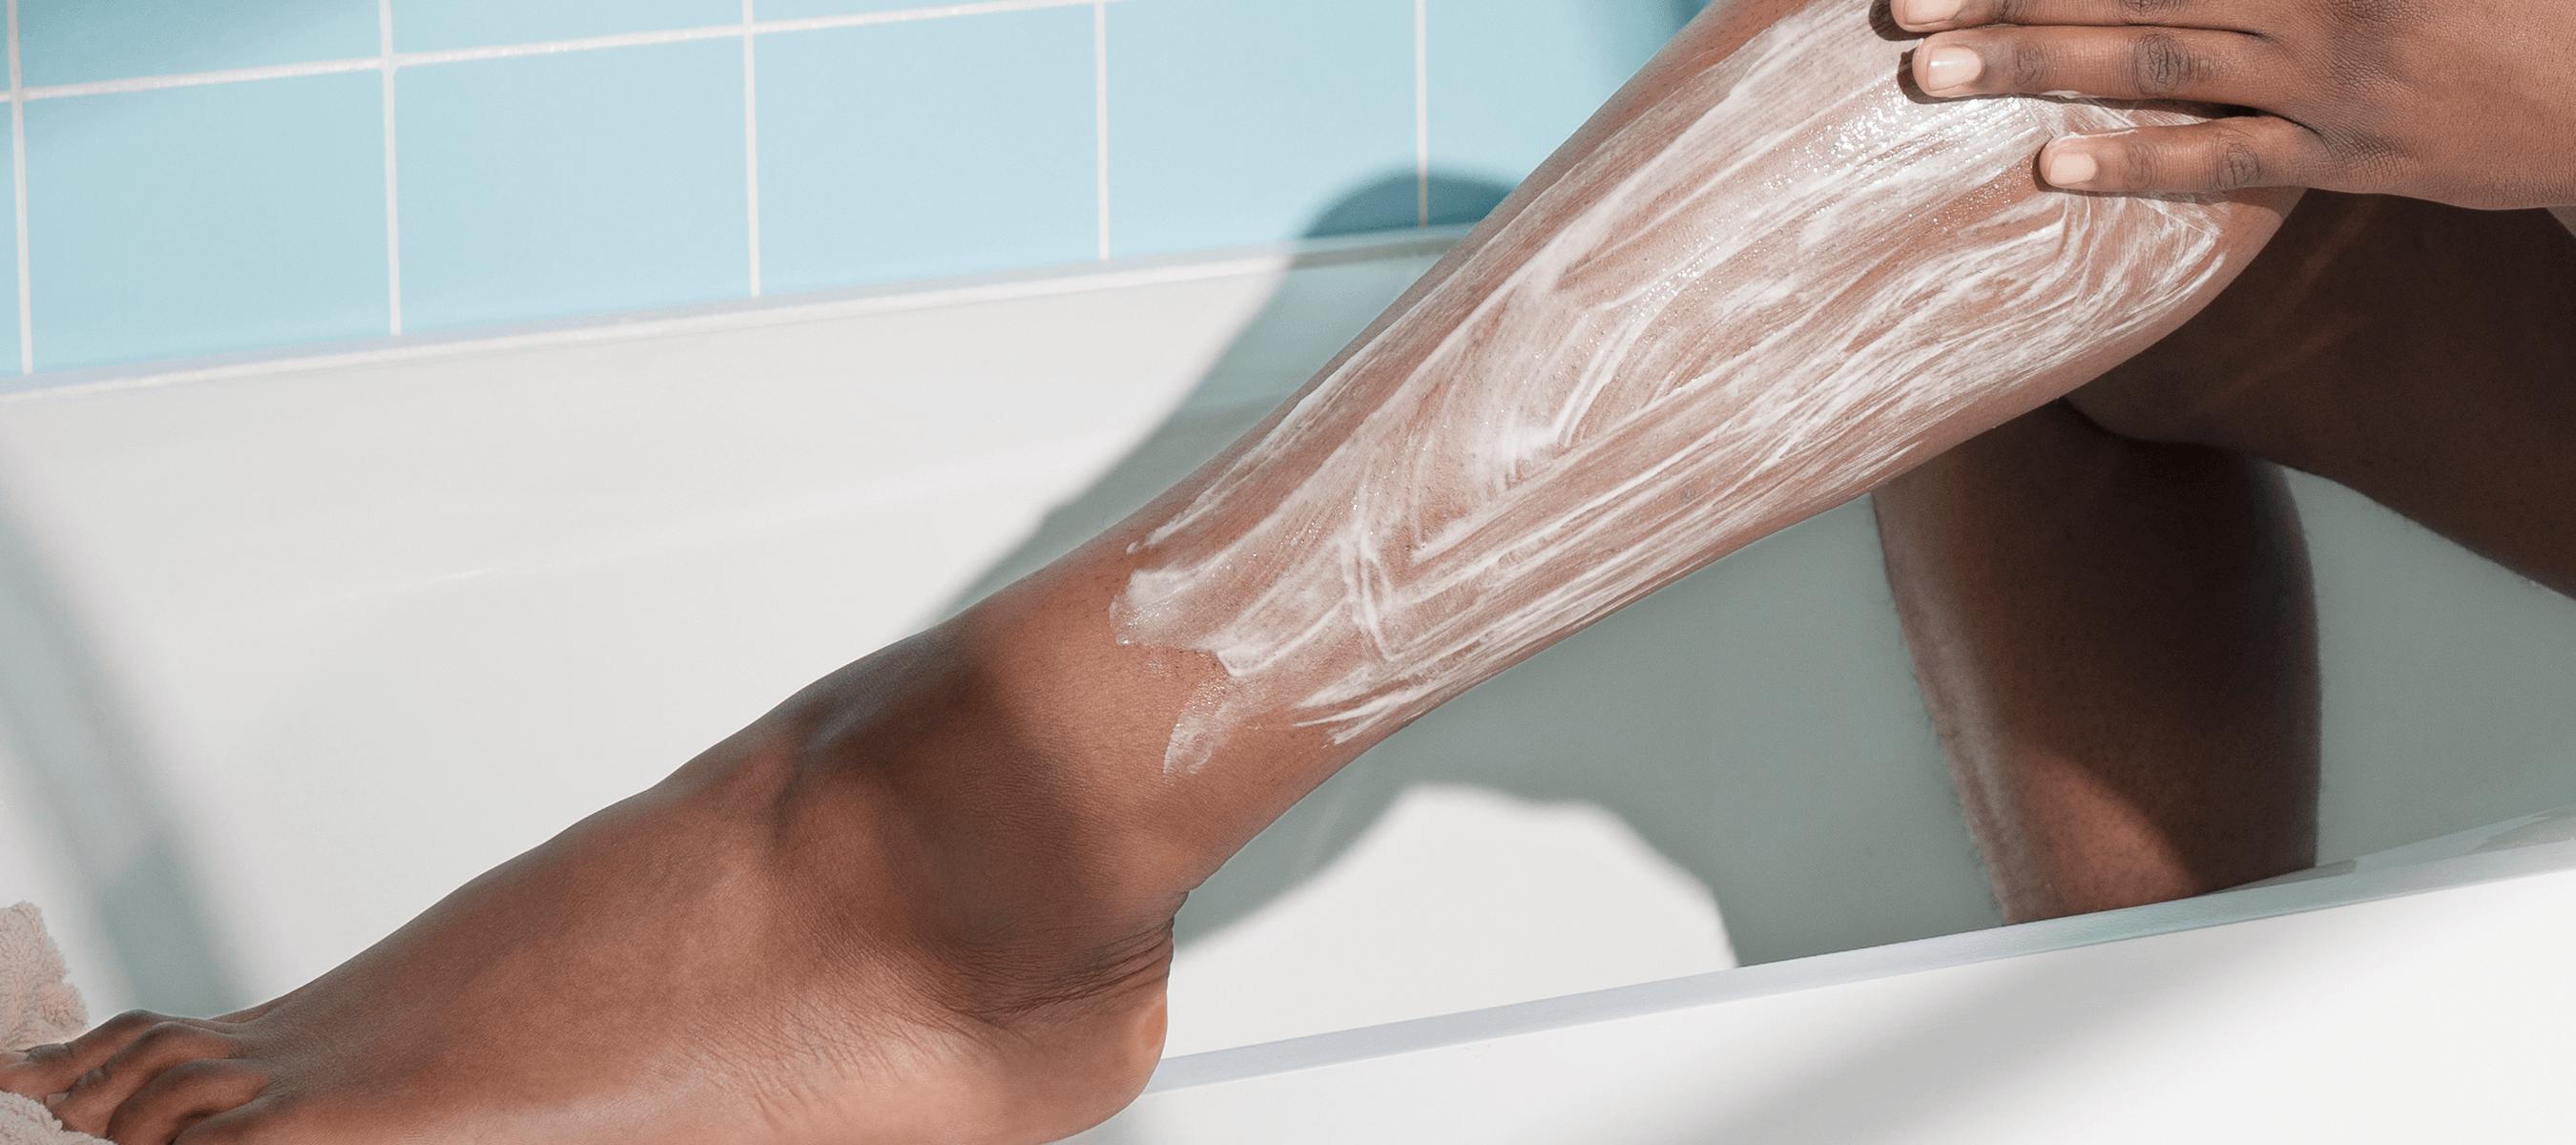 having cream on a woman's leg in a bathtub.